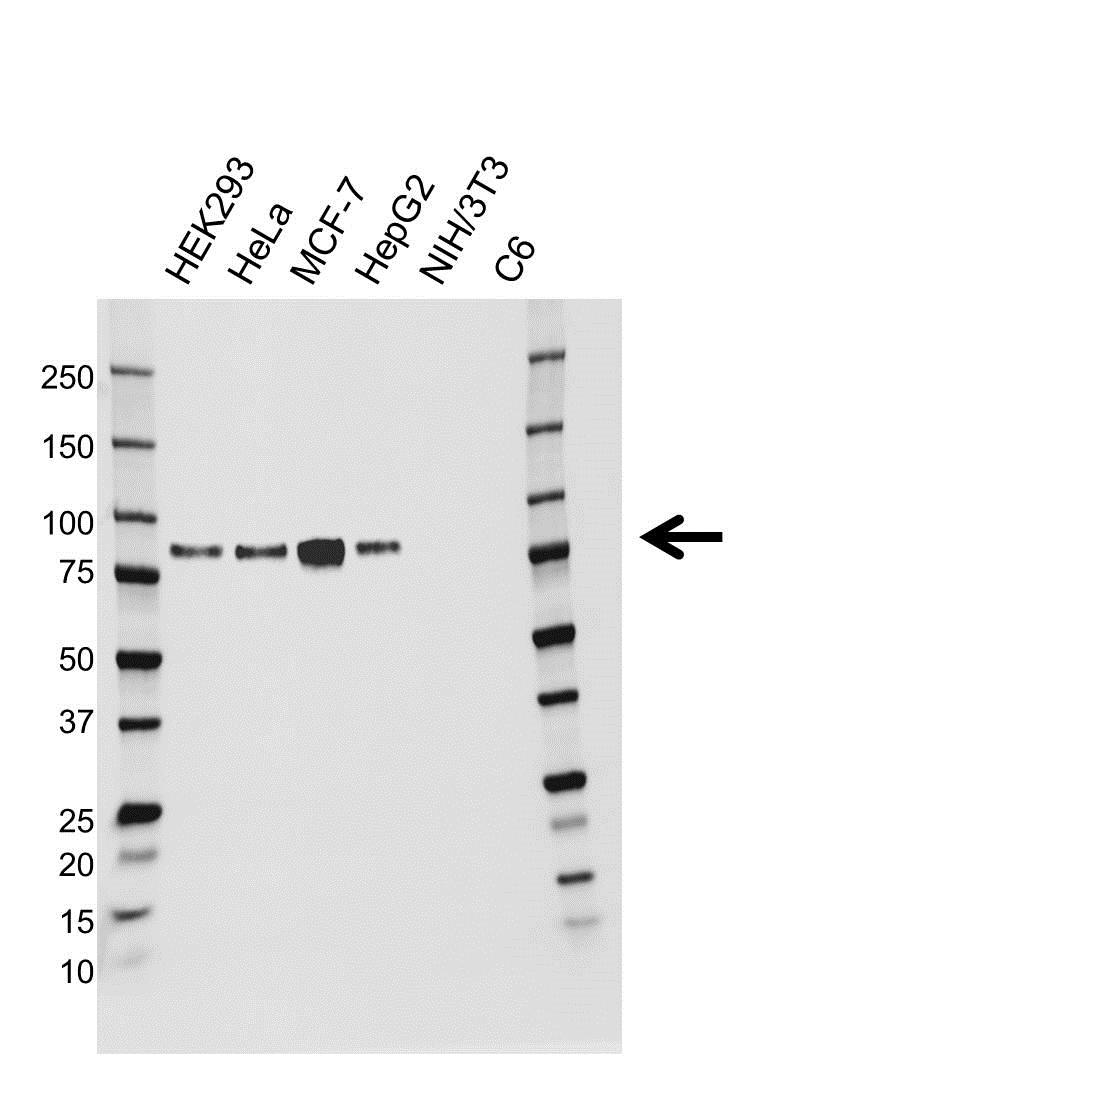 Anti Cortactin Antibody (PrecisionAb™ Monoclonal Antibody) gallery image 1